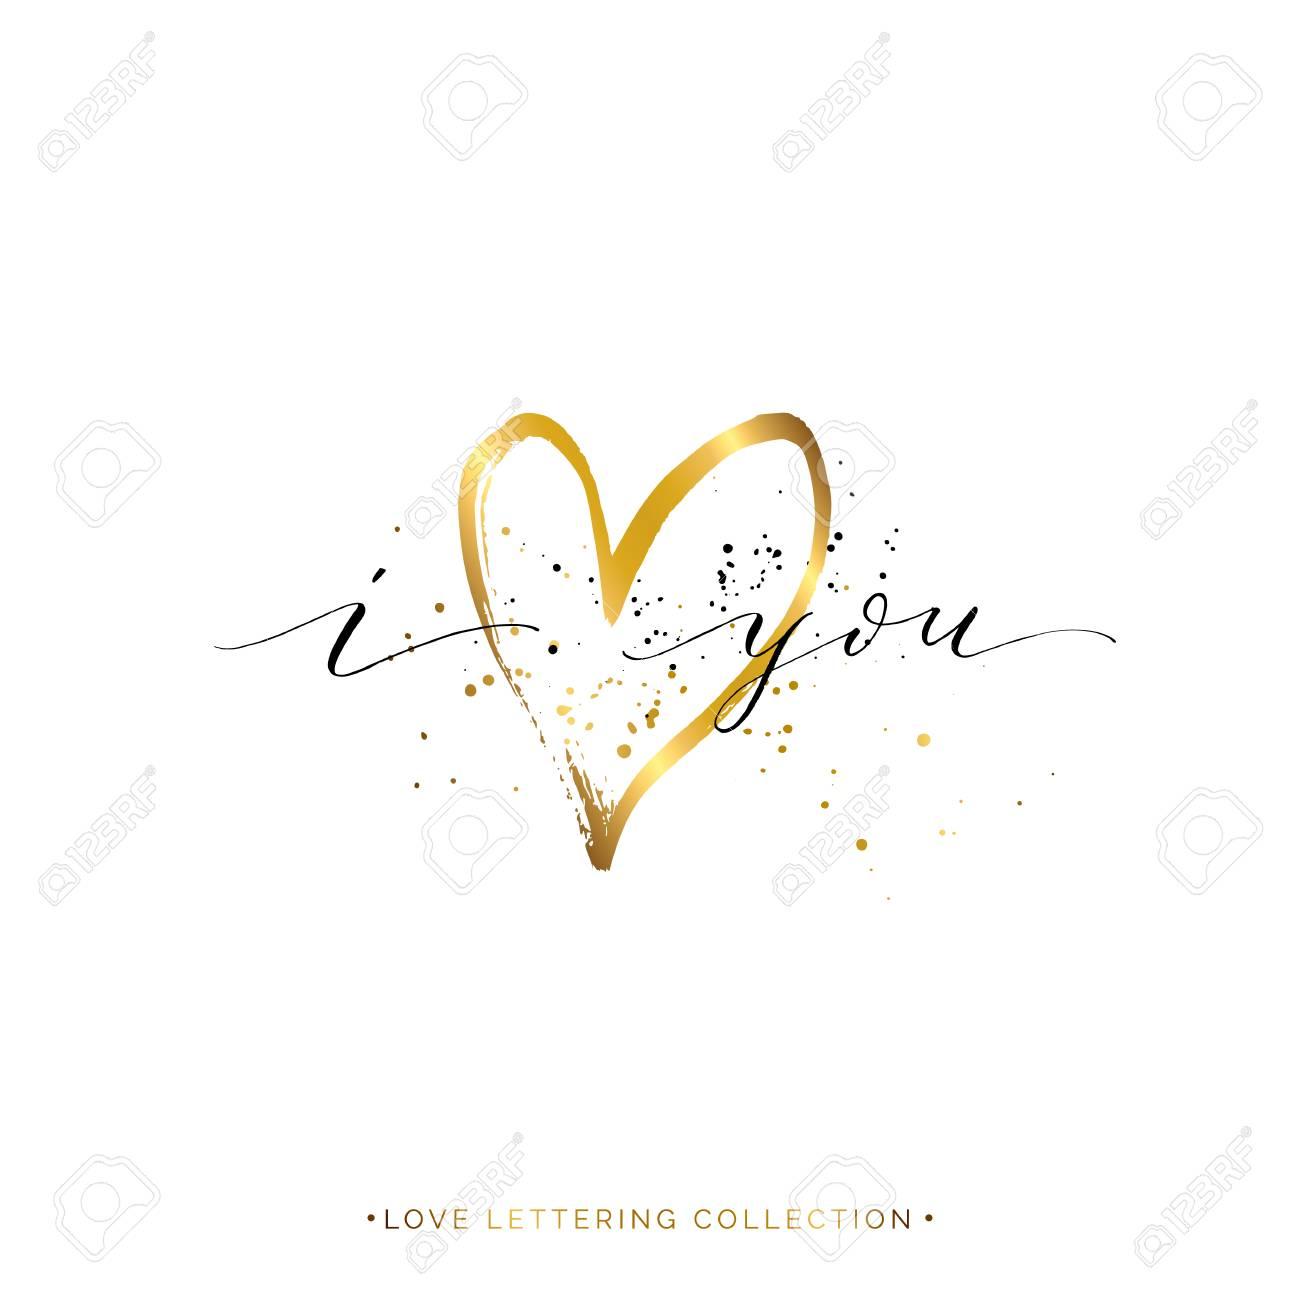 Feliz Día De San Valentín Tarjeta Te Amo Texto Con Corazón De Oro Y Salpica Vector Dorado Amor Letras Para Tarjeta De Felicitación Invitación